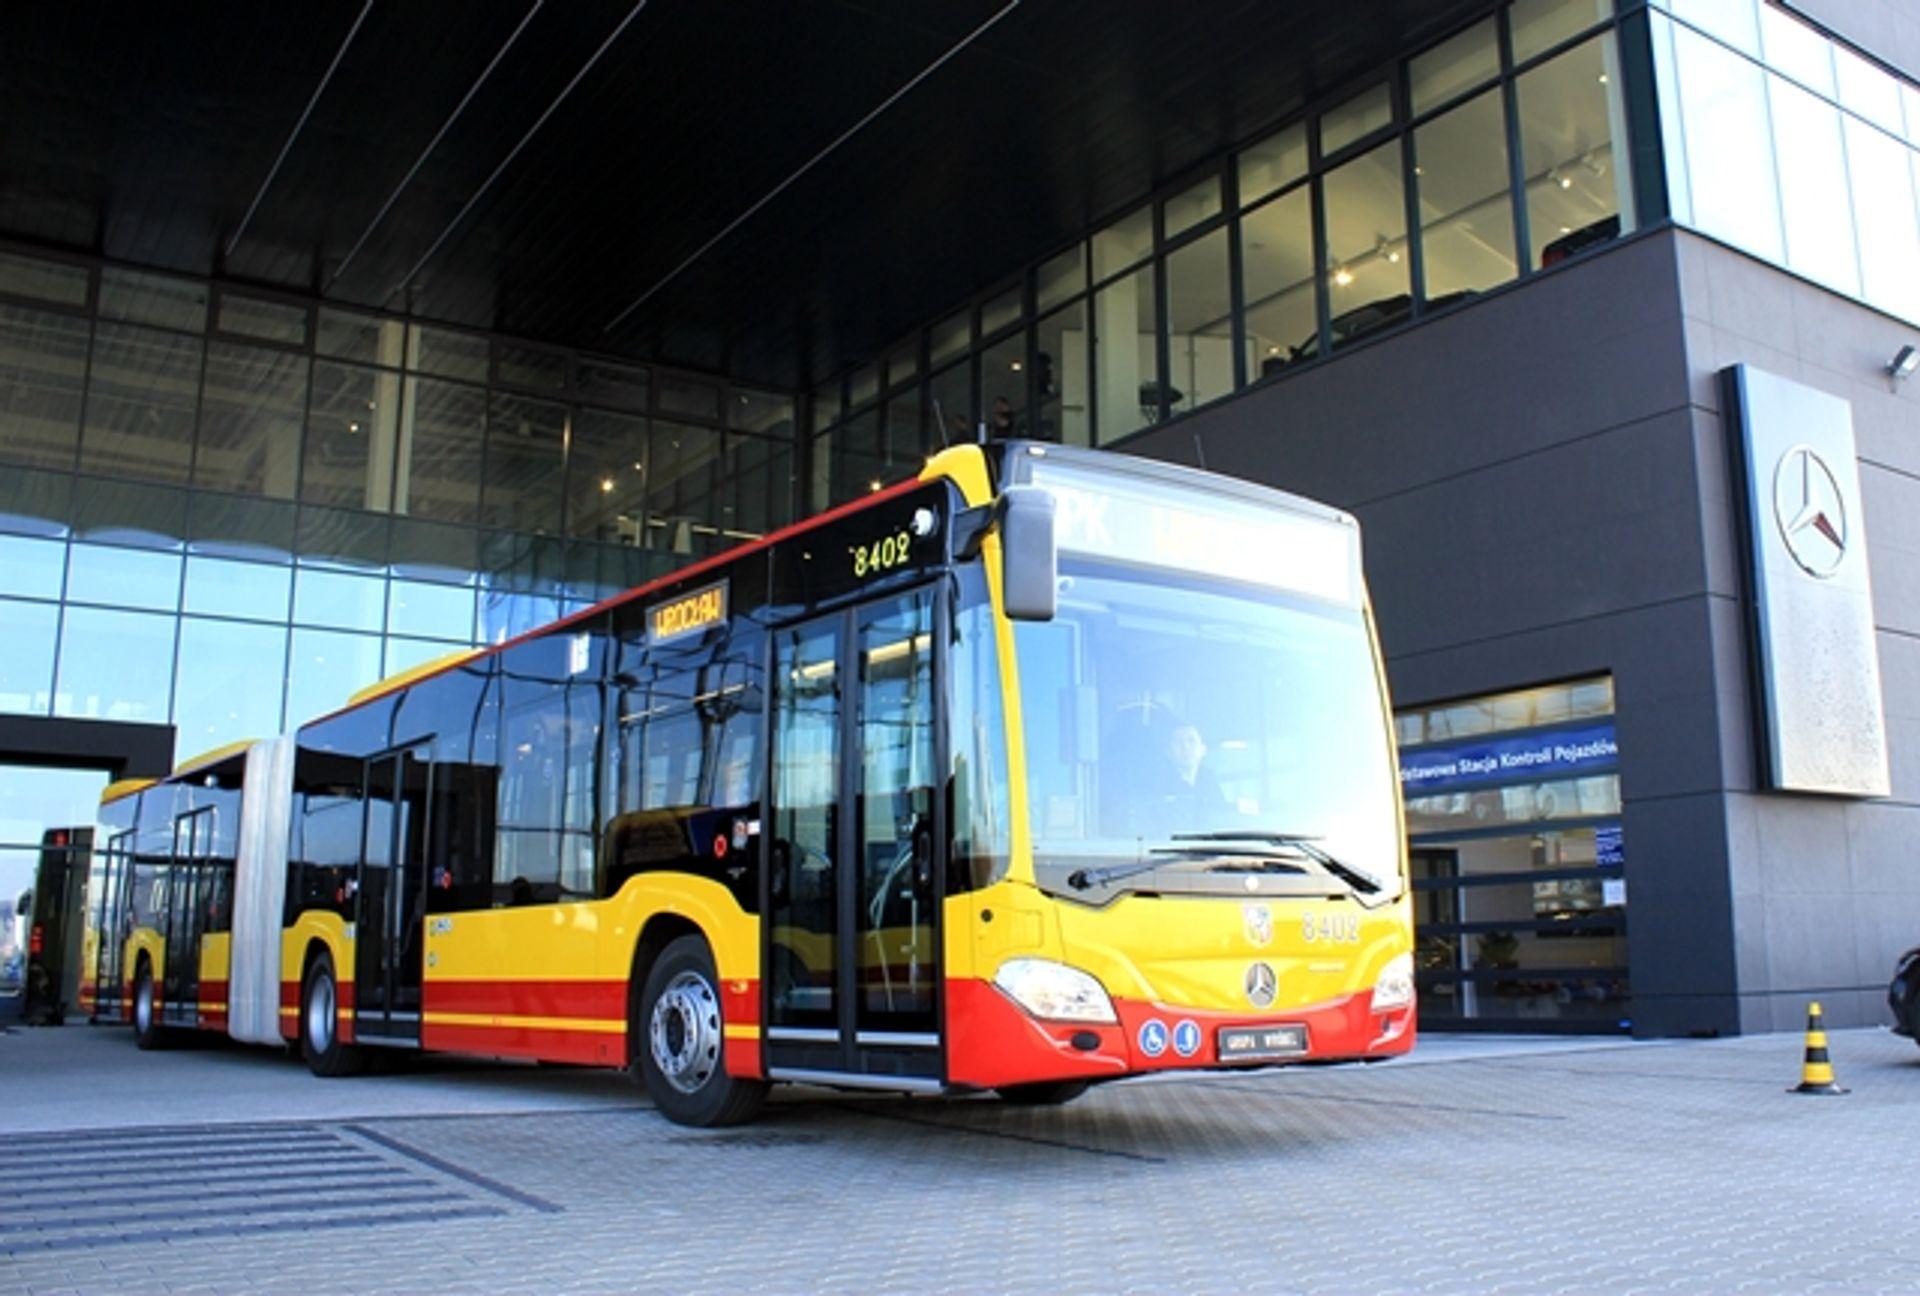 Wrocław: Dostawcę nowych autobusów poznamy później niż zakładano